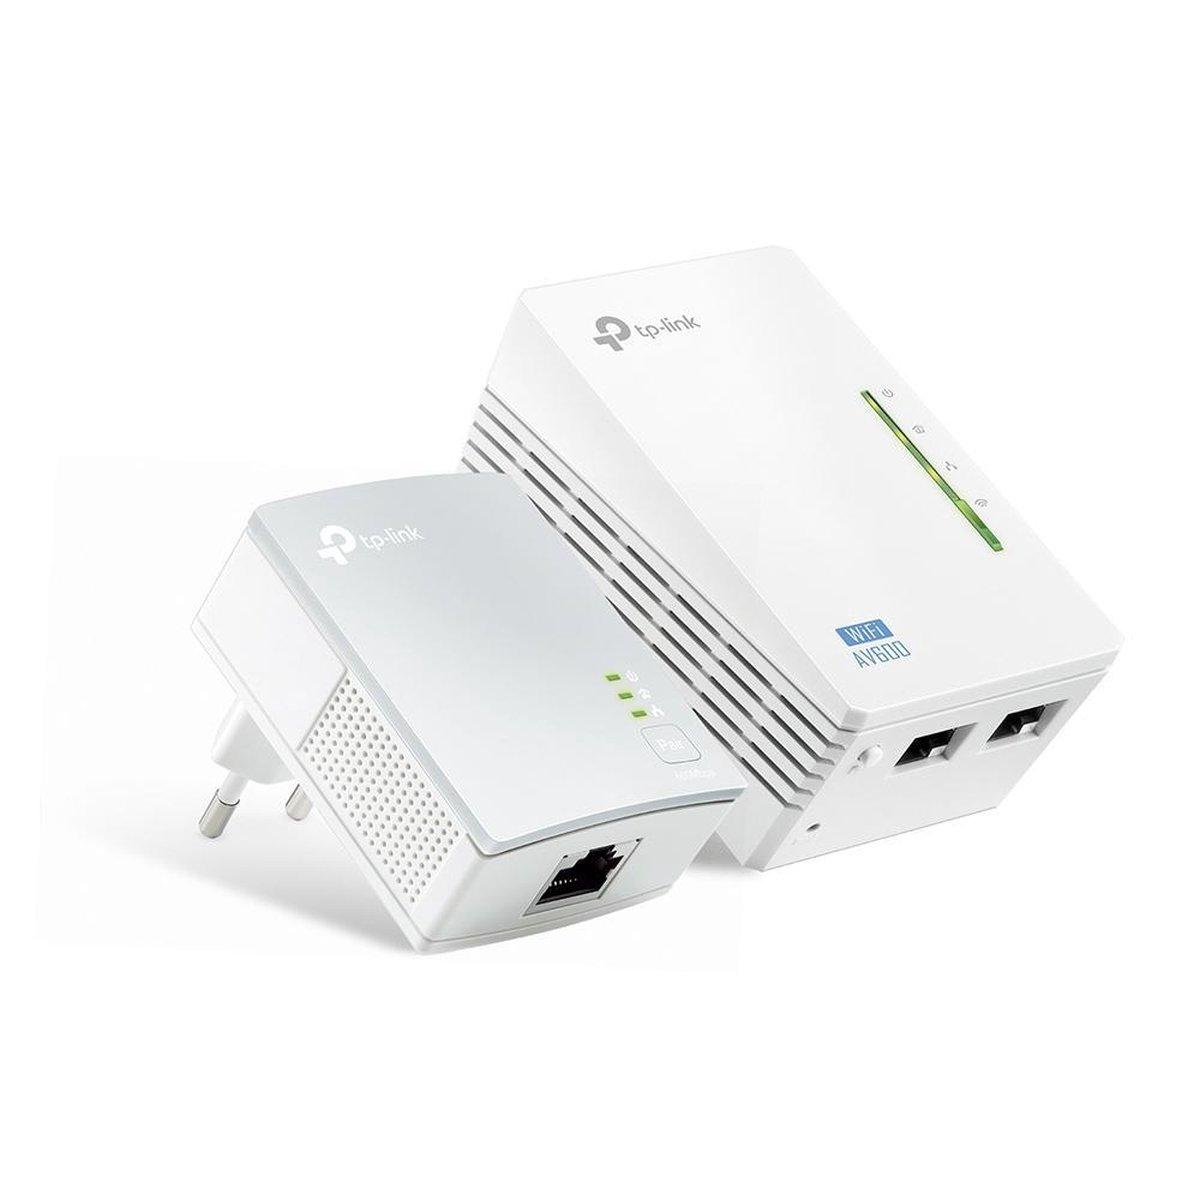 TP-Link TL-WPA4220 KIT - AV600 - Wifi Powerline - 2 Stuks